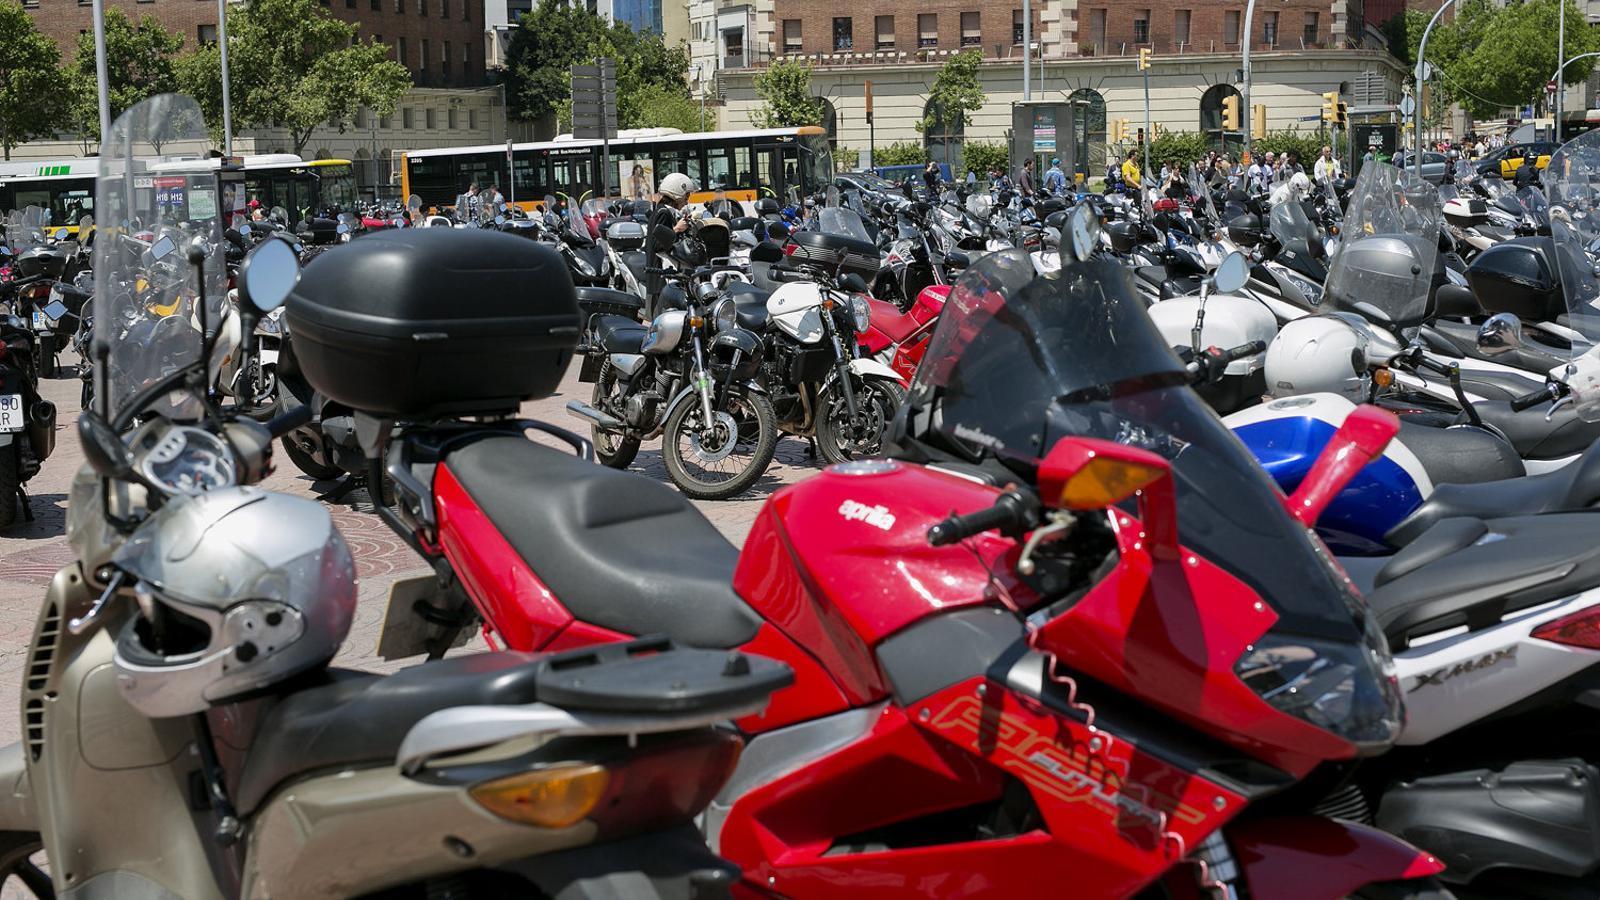 Un grapat de motos aparcades sobre una vorera de la plaça d'Espanya de Barcelona.